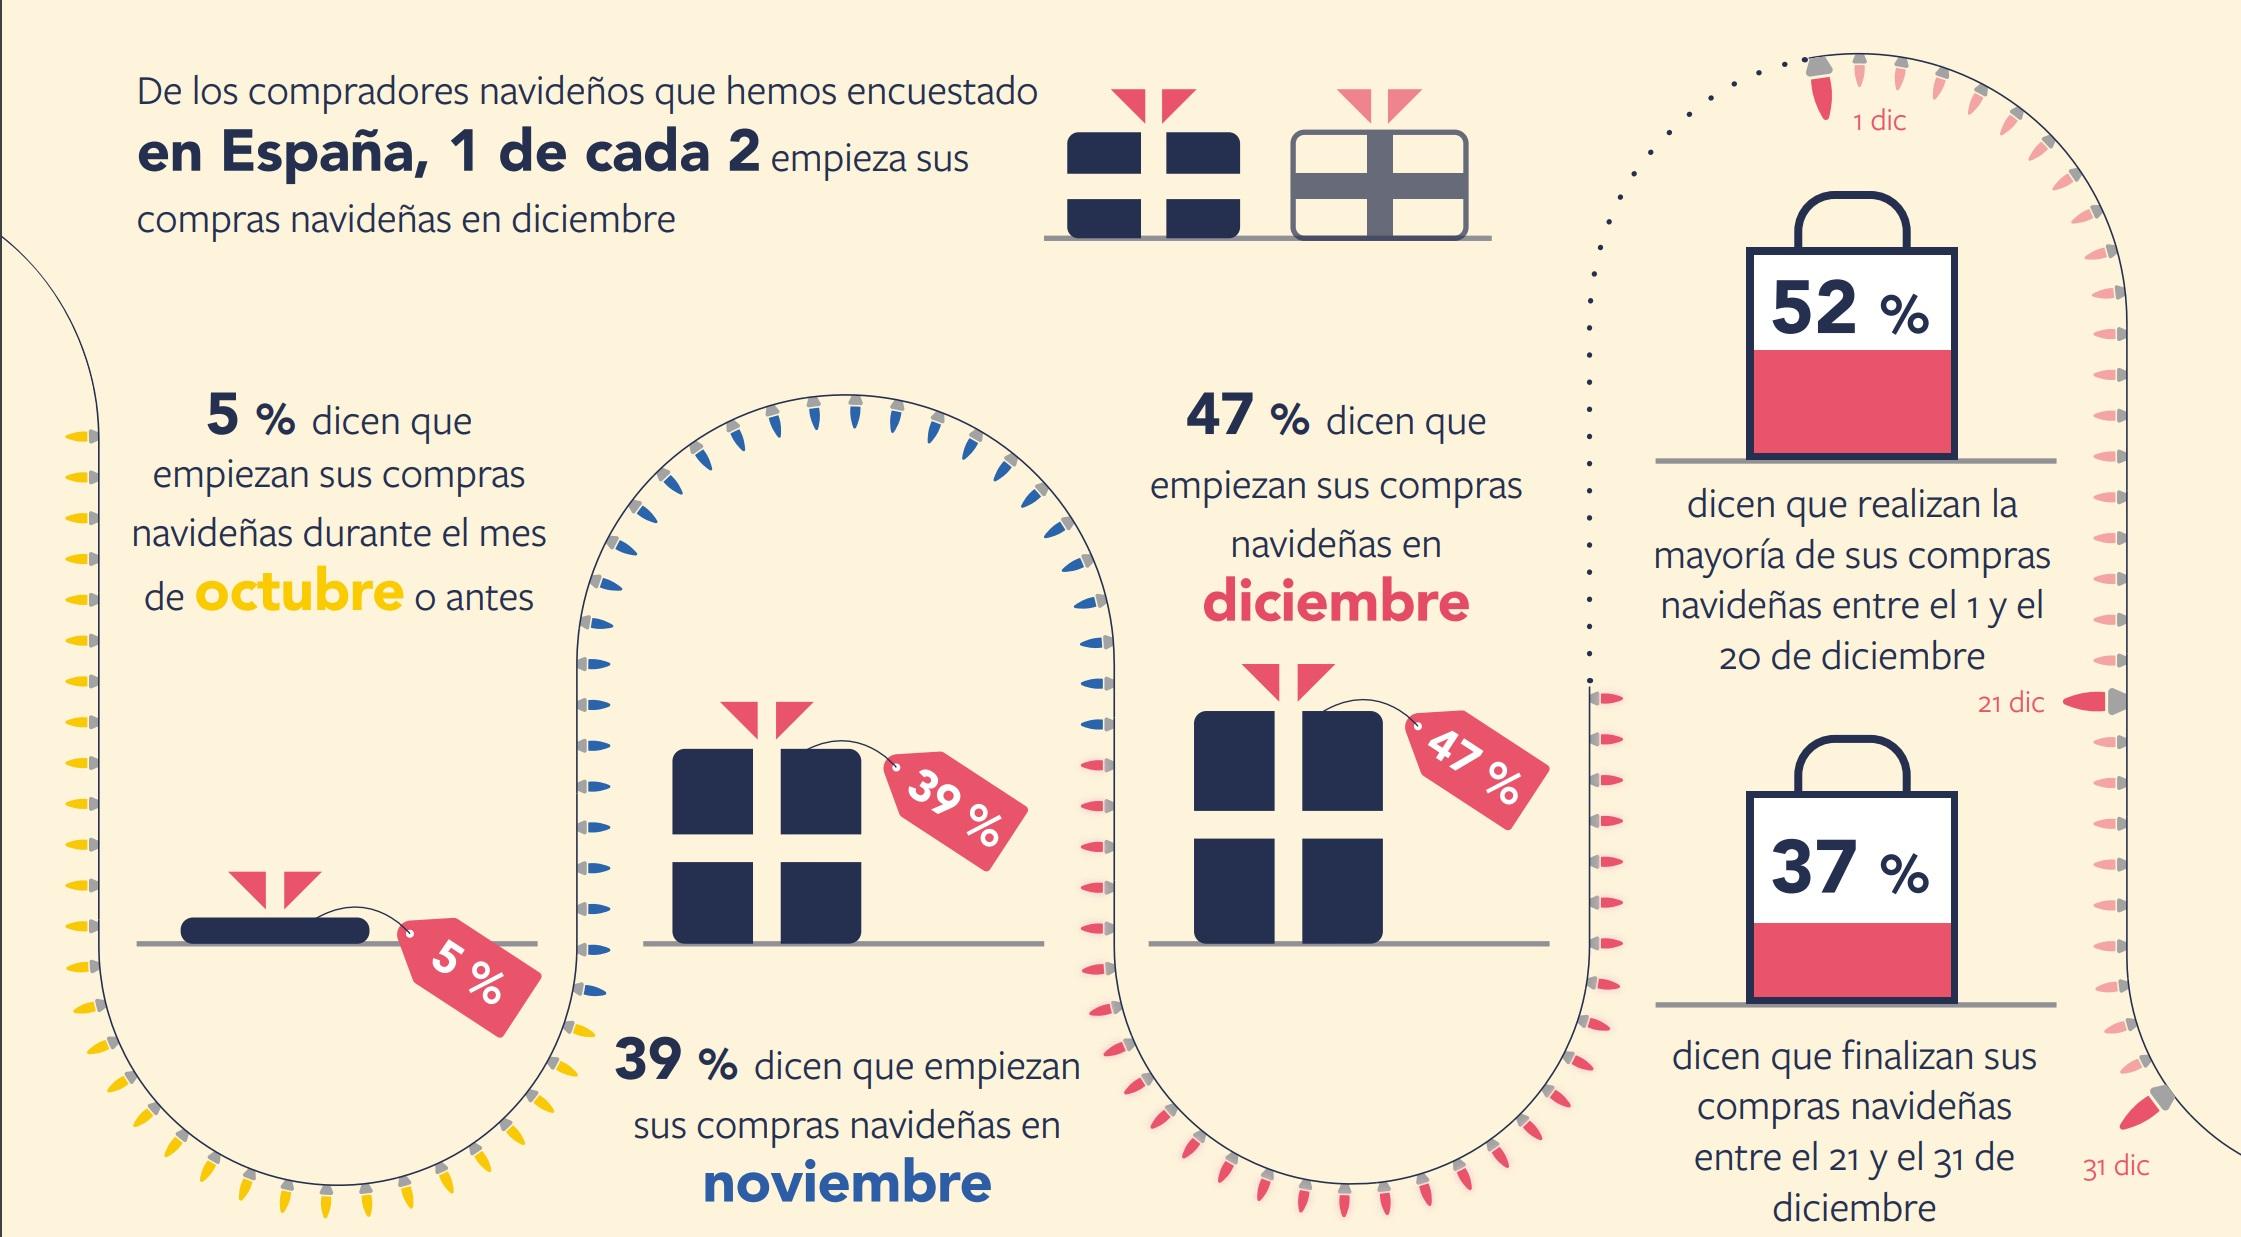 https://www.programapublicidad.com/wp-content/uploads/2018/11/infografía-encuesta-Facebook-entender-cómo-compramos-Navidad-conocer-compra-de-usuarios-uso-dispositivos-móviles-tiendas.-programapublicidad-muy-grande.jpg